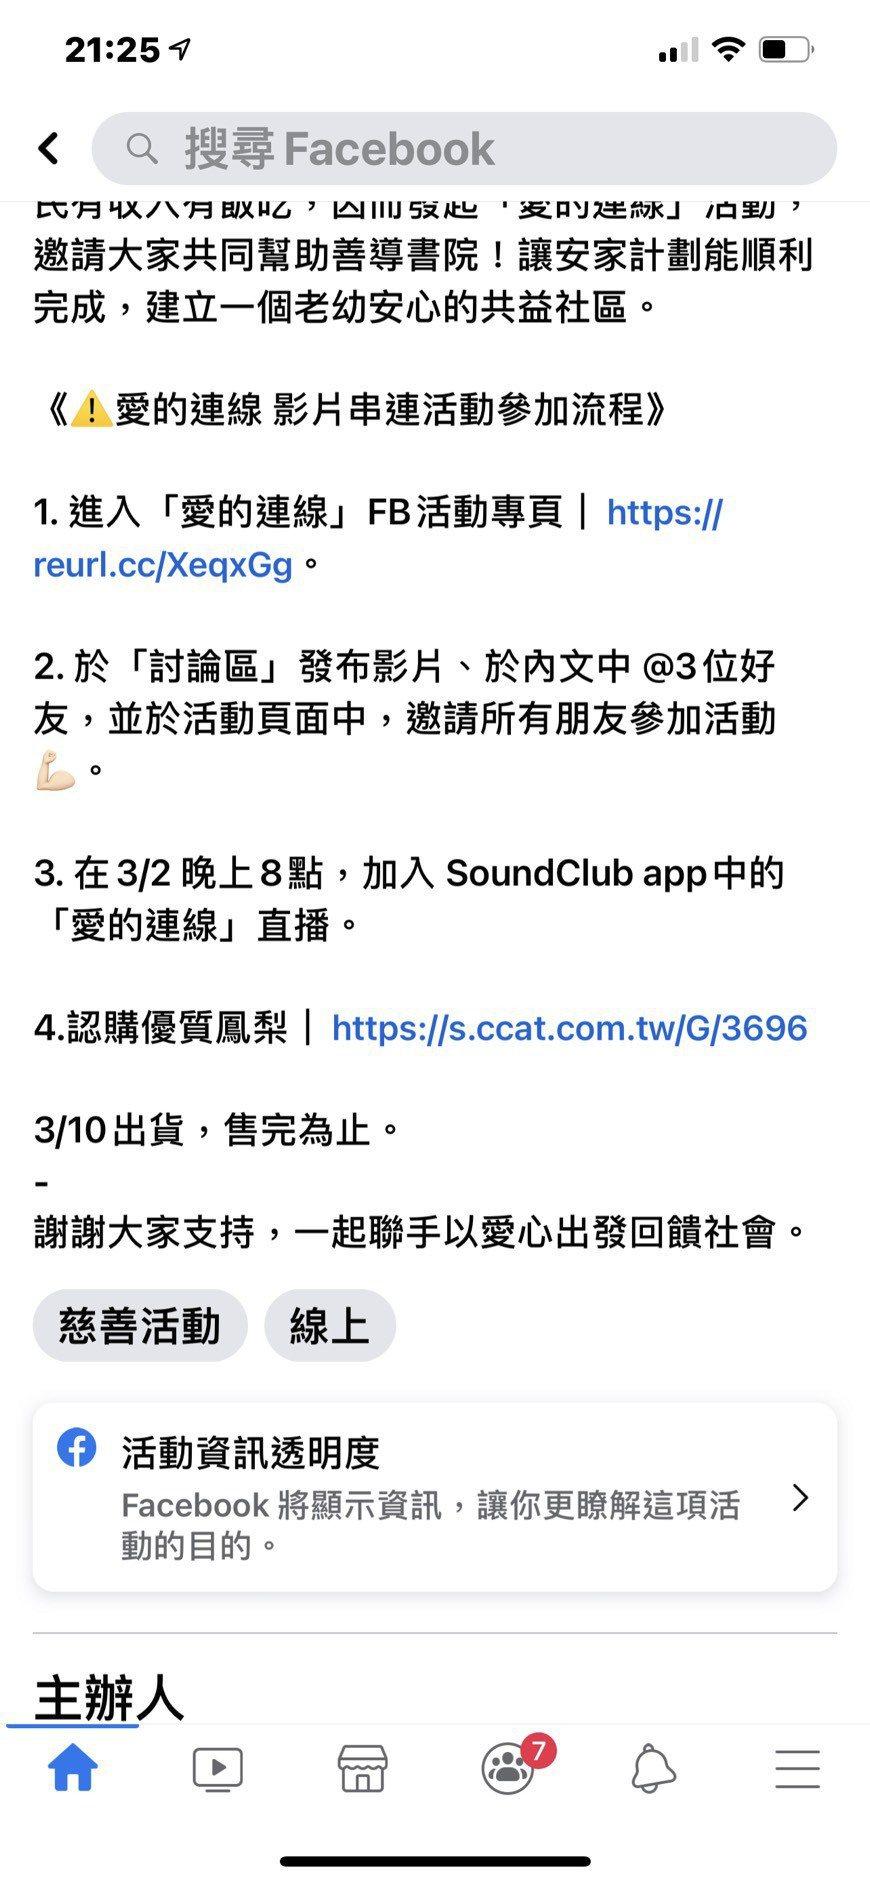 孫德榮公開認購鳳梨流程。圖/孫德榮提供